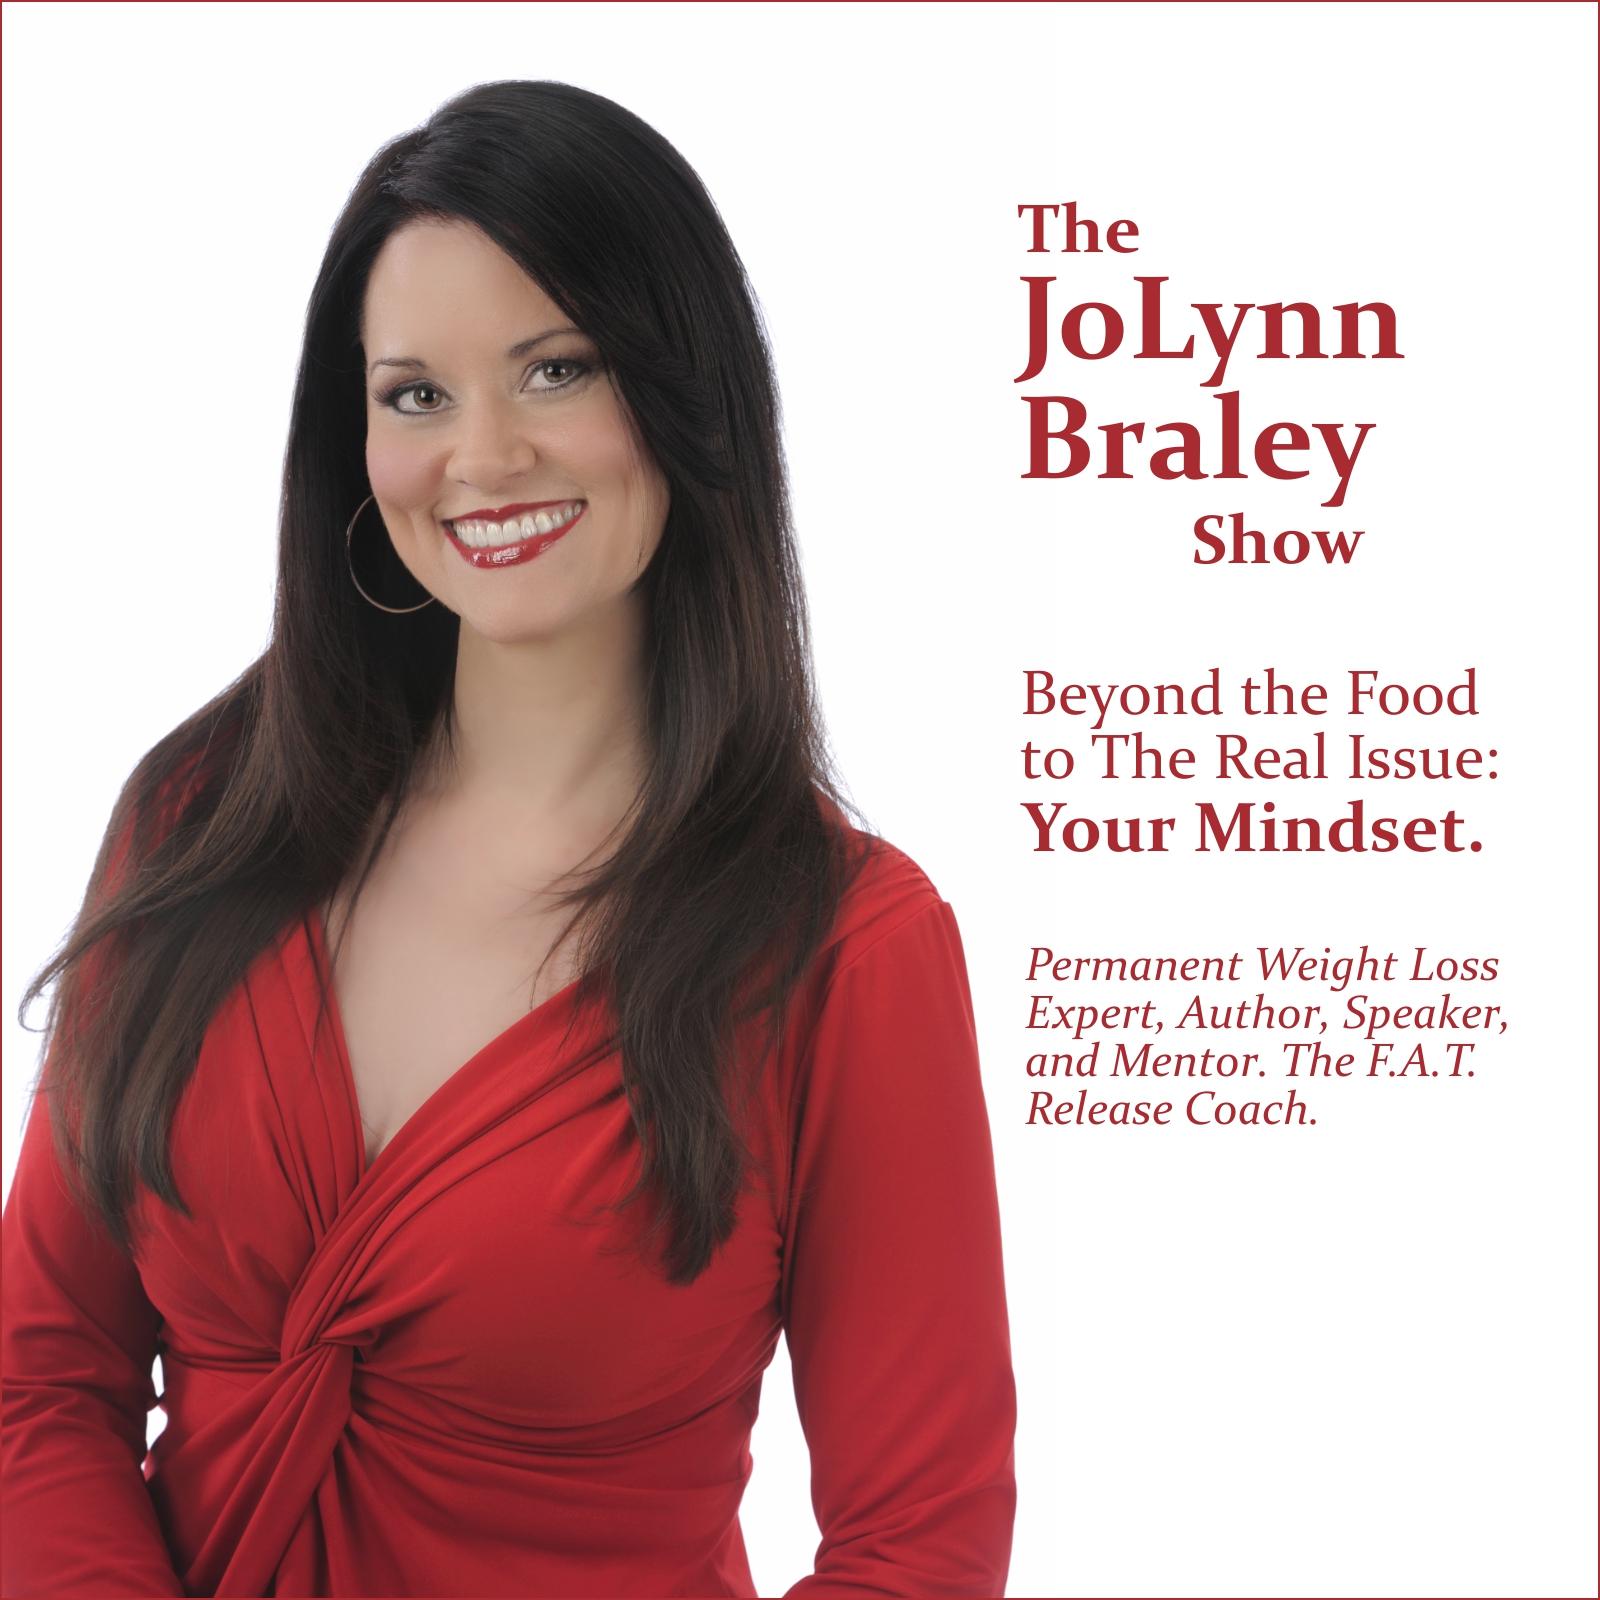 The JoLynn Braley Show | End The Binge with JoLynn